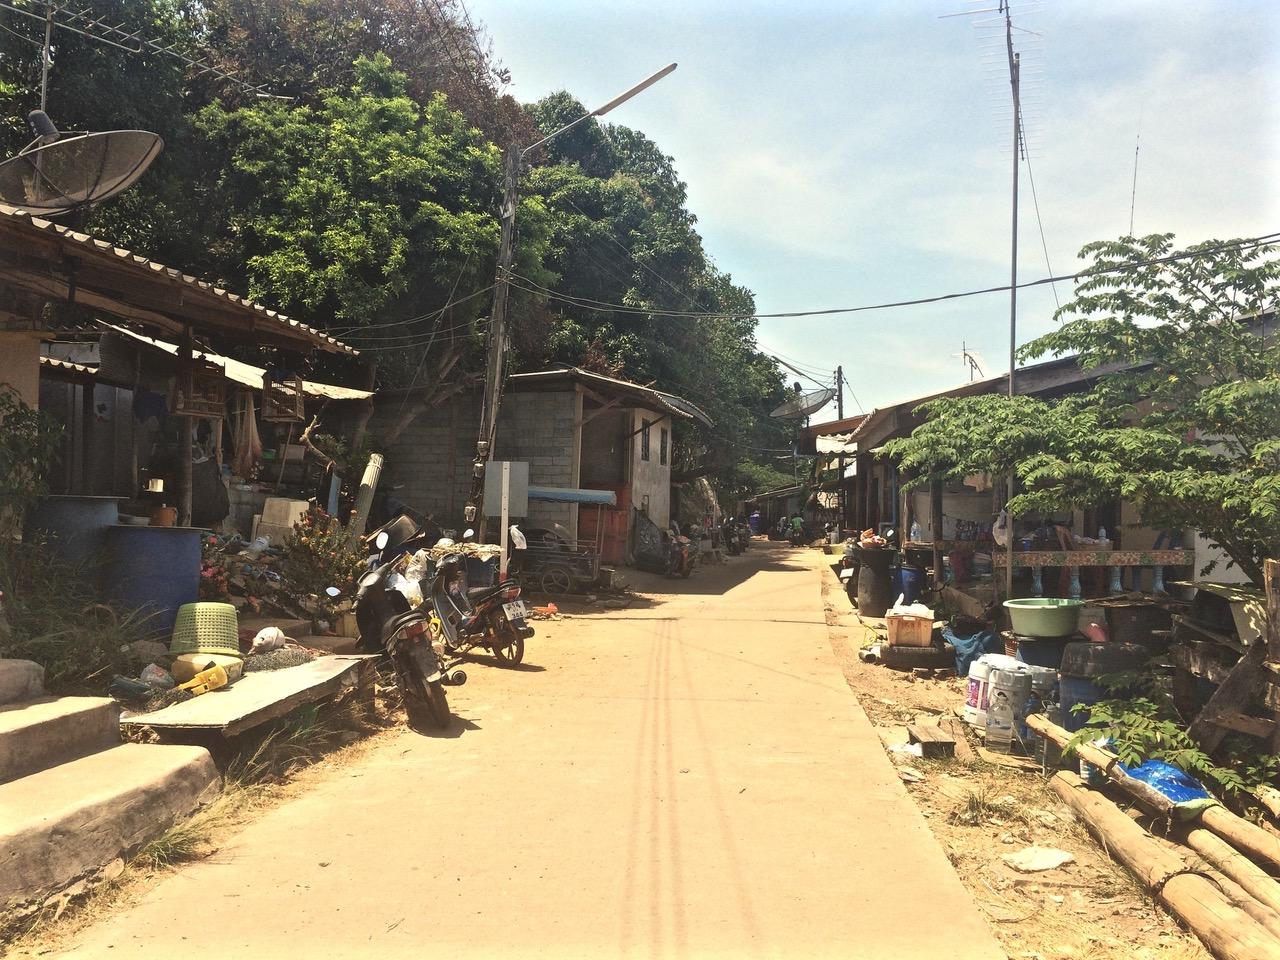 Choisir l'île de Koh Lanta et visiter les villages de gitans des mers